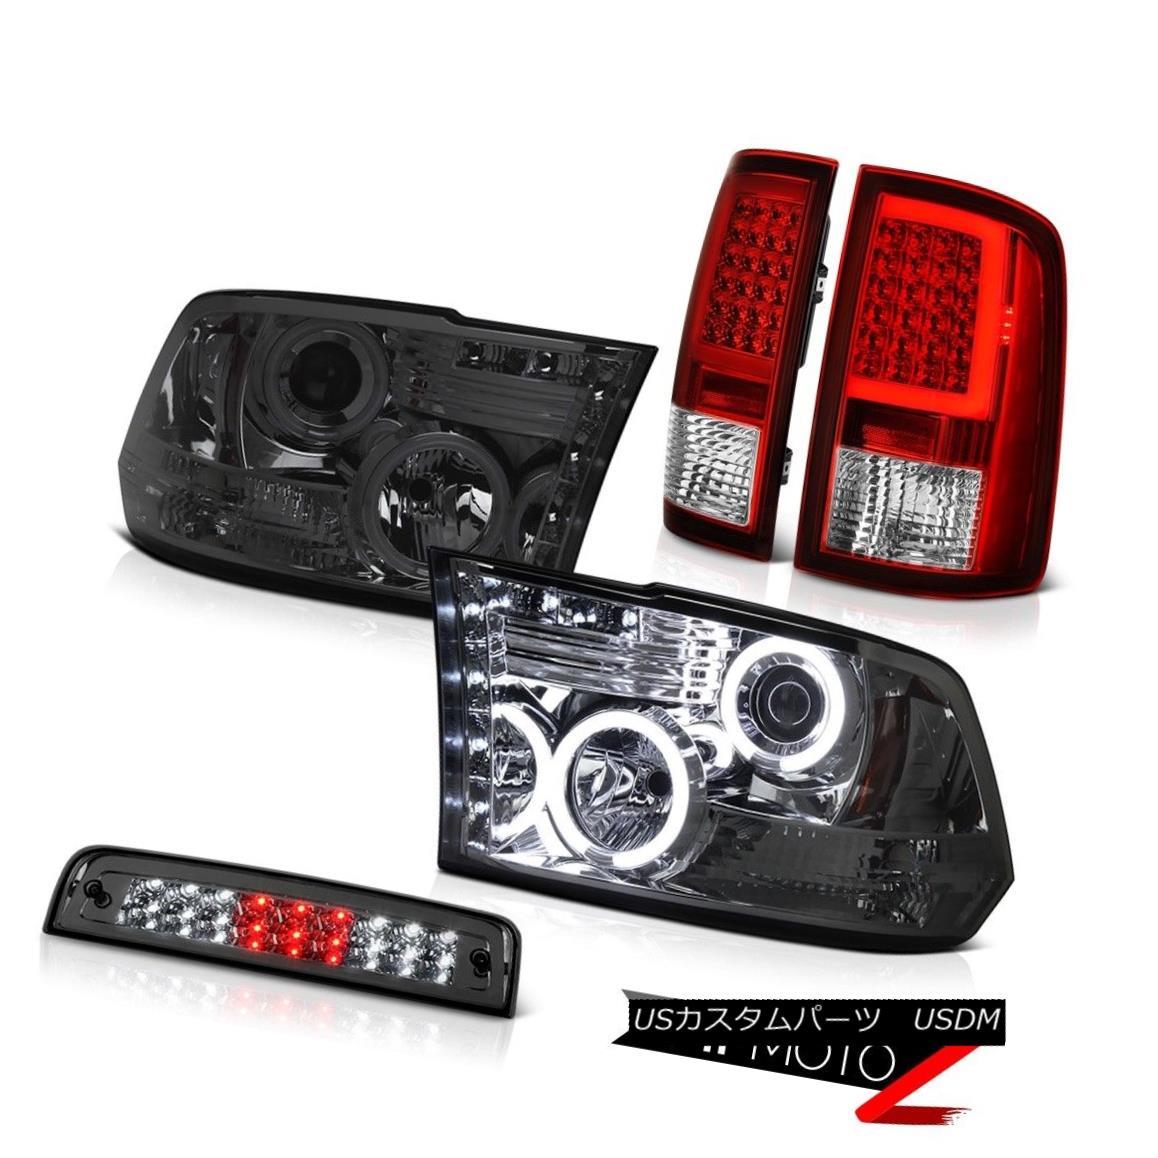 テールライト 09-16 17 18 Dodge RAM 2500 Tail Lights Dark Smoke Brake Head Light Replacement 09-16 17 18ダッジRAM 2500テールライトダークスモークブレーキヘッドライト交換